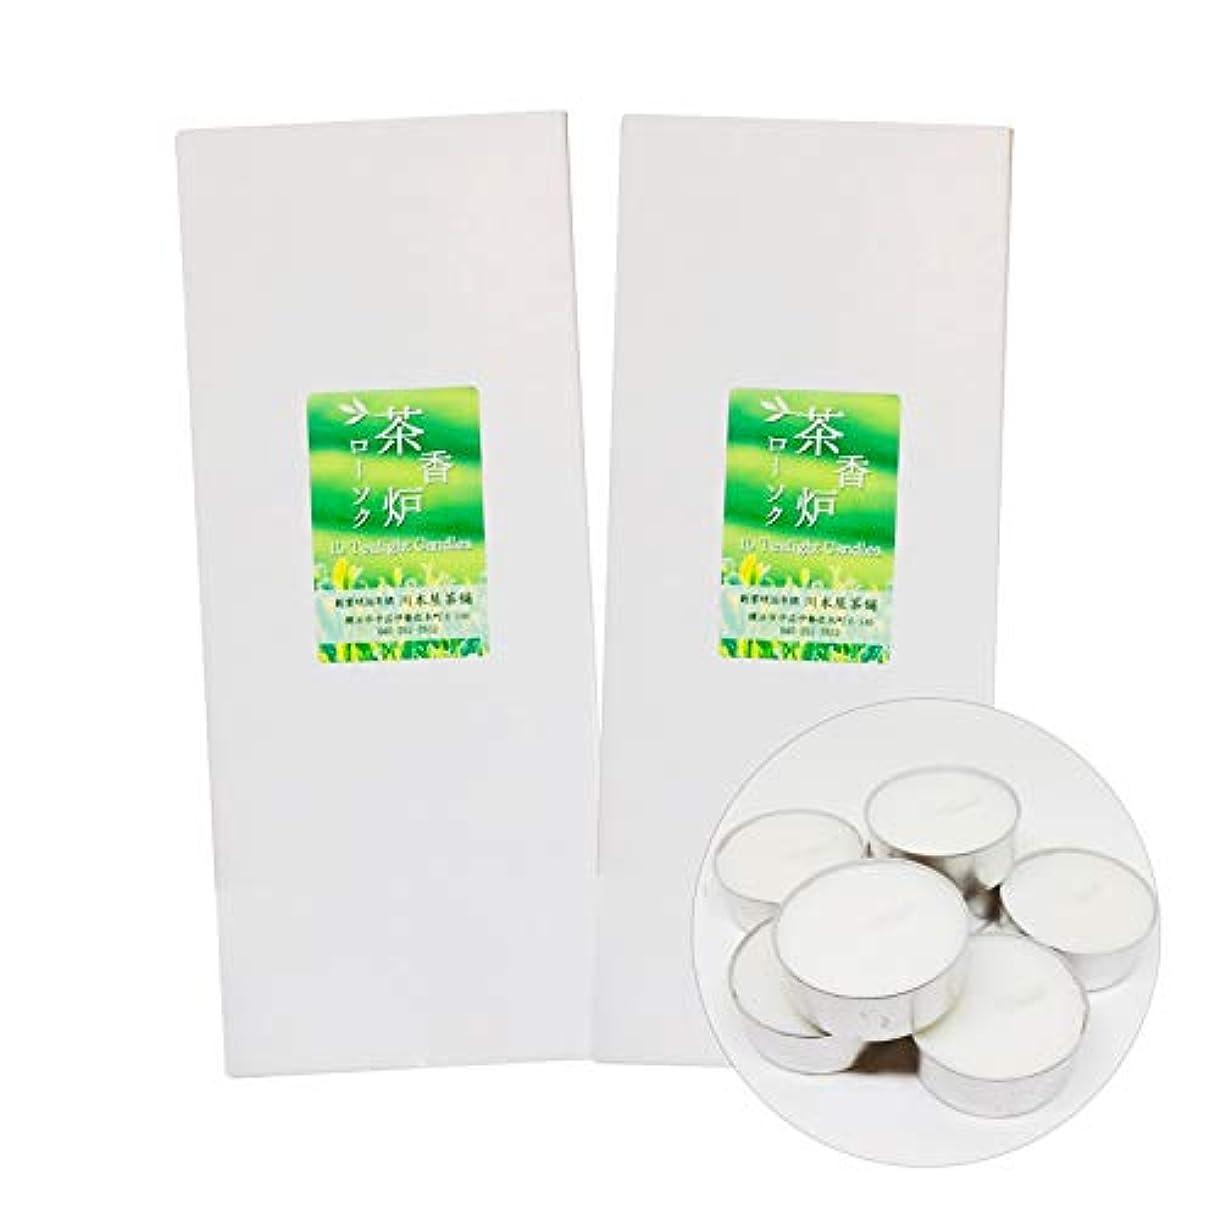 会話型期間ガチョウ茶香炉専用 ろうそく キャンドル 10個入り 川本屋茶舗 (2箱)